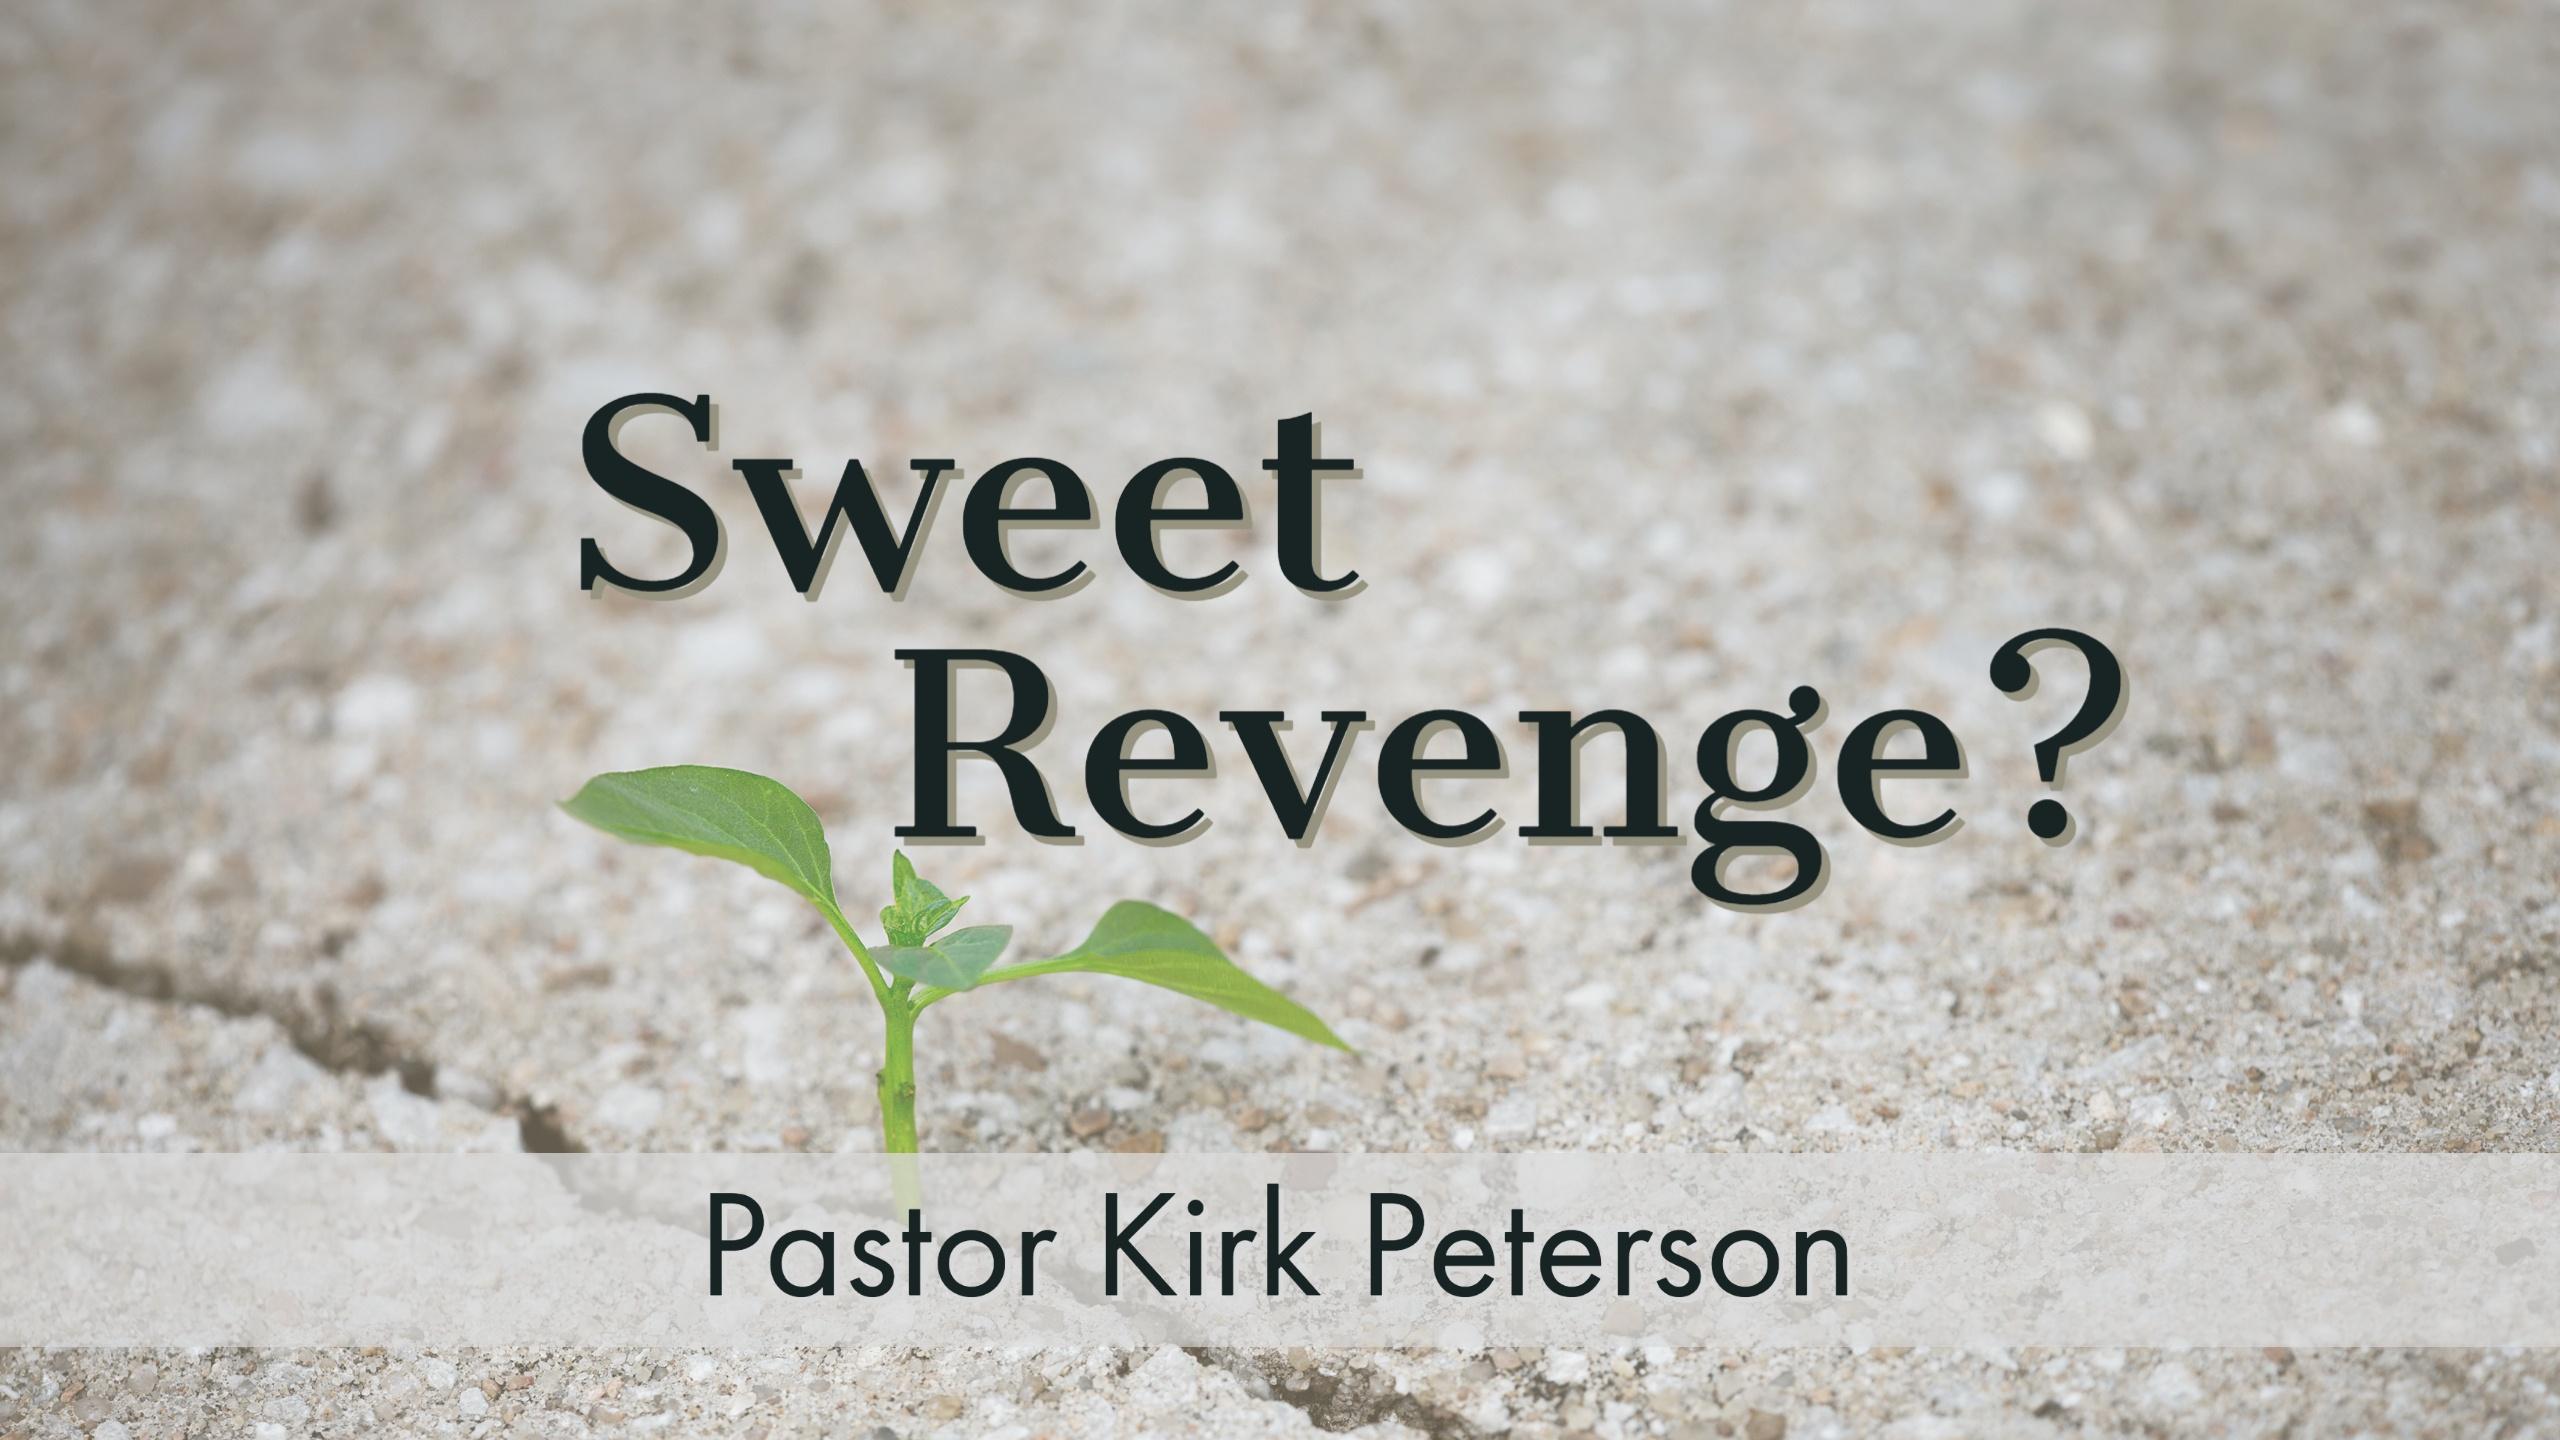 Sermon Series Title: You'll Get Through This